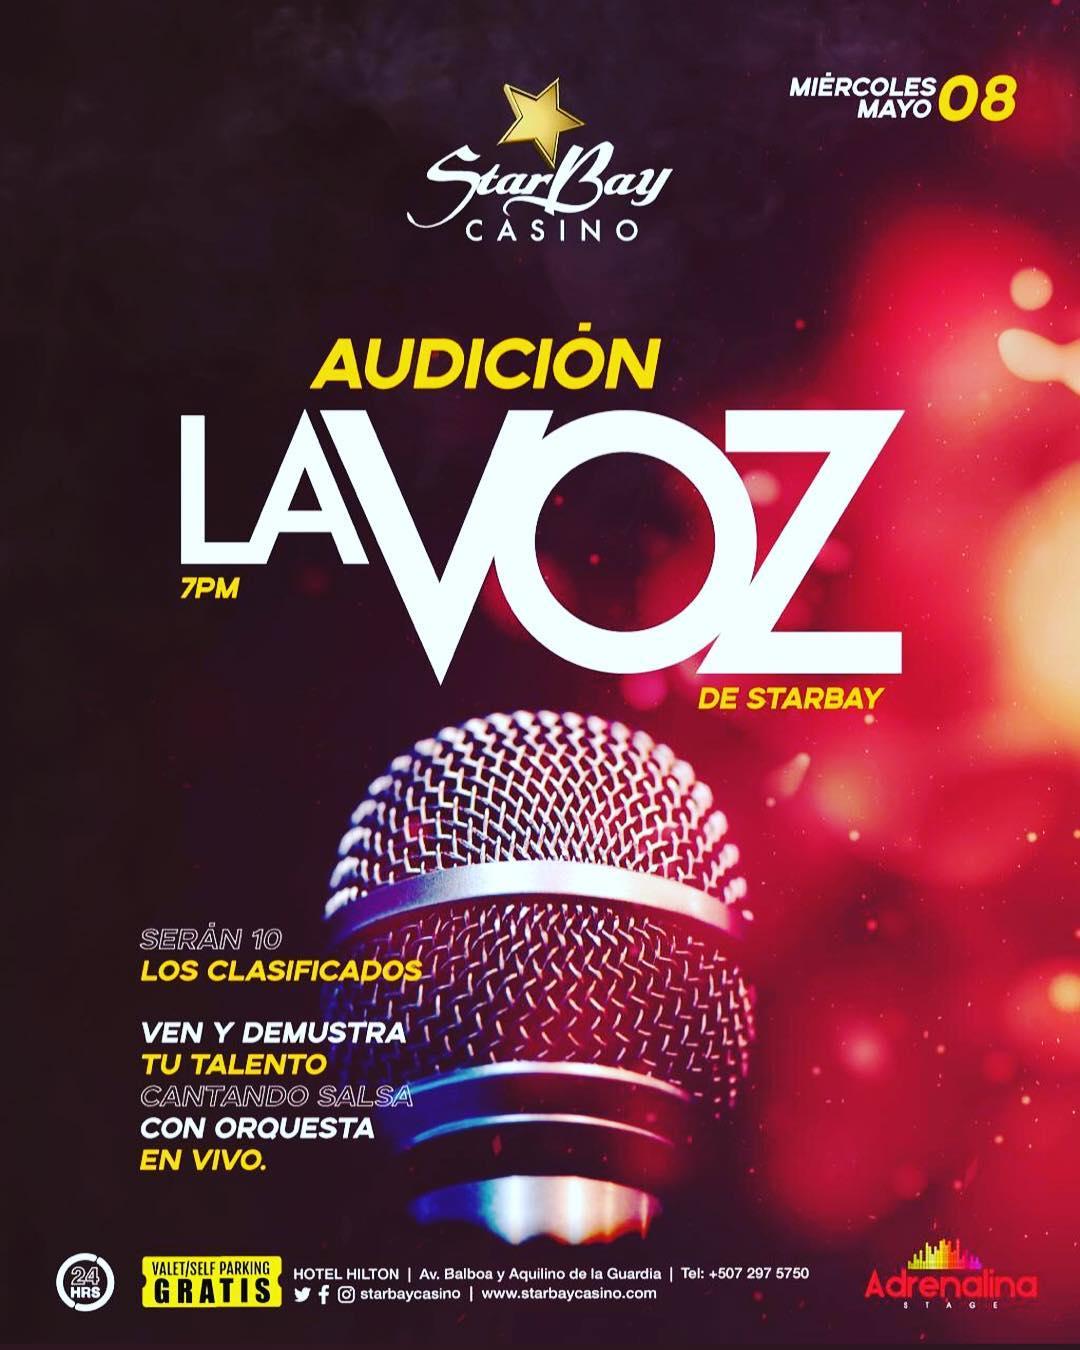 Photo of Audición para 'La Voz de Starbay' Casino